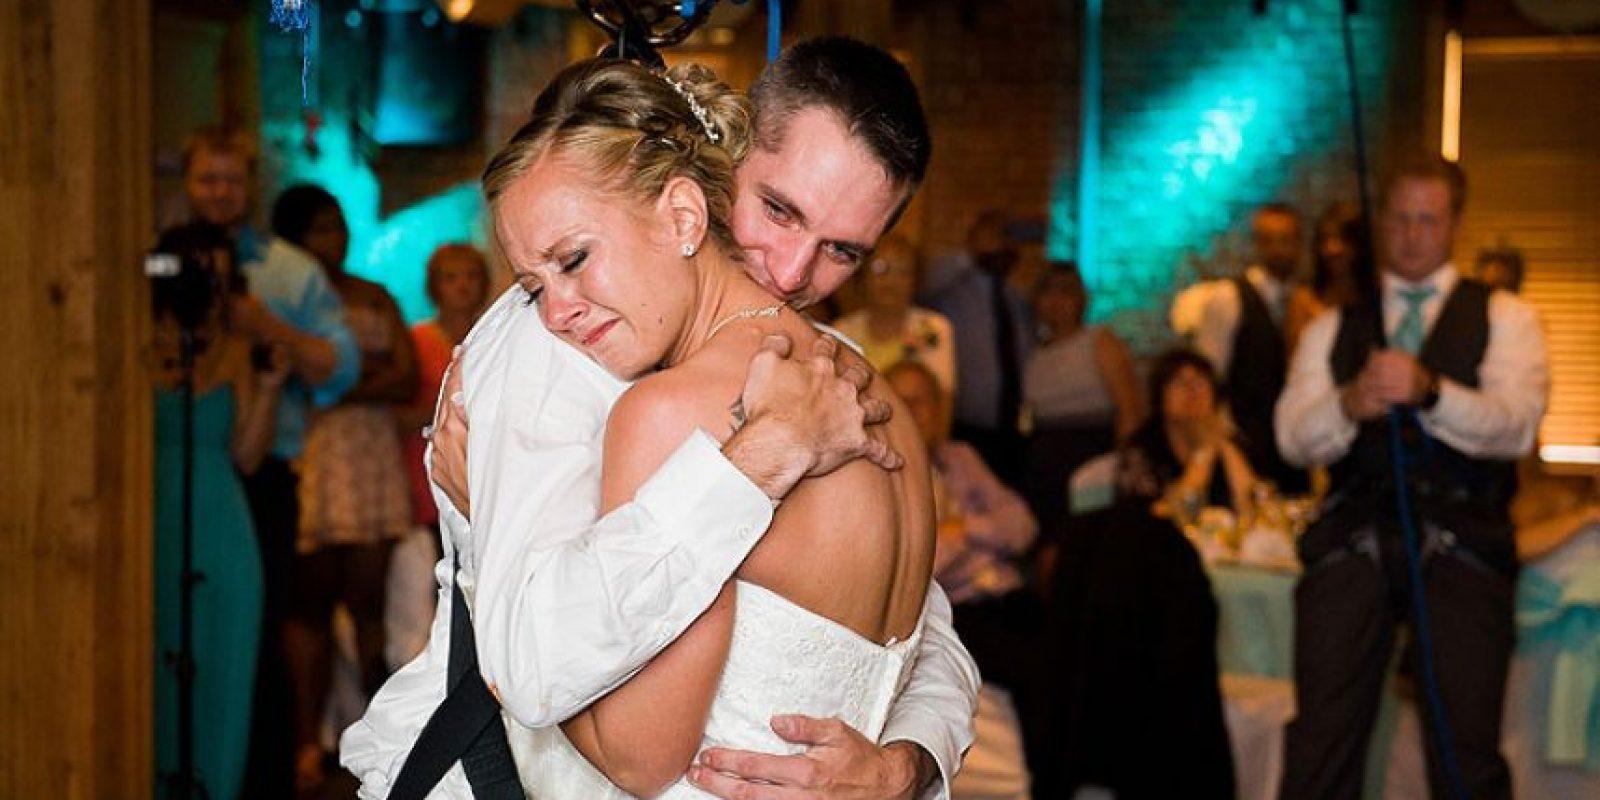 Los asistentes a la boda afirmaron que todos lloraban de emoción al ver a la pareja bailar Foto:Cortesía linnealiz.com